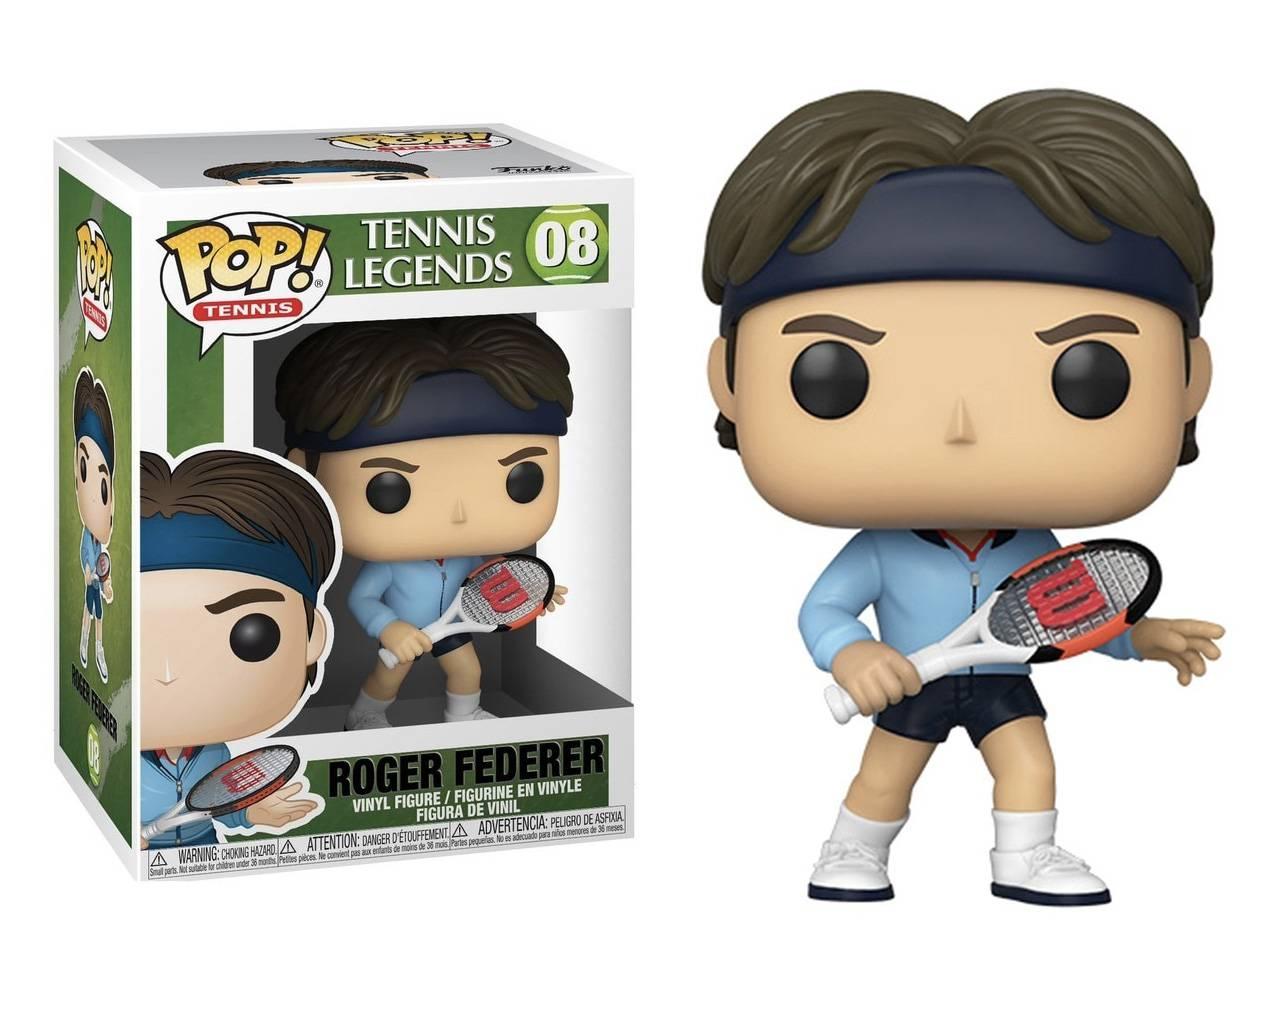 Roger Federer Pop! Vinyl